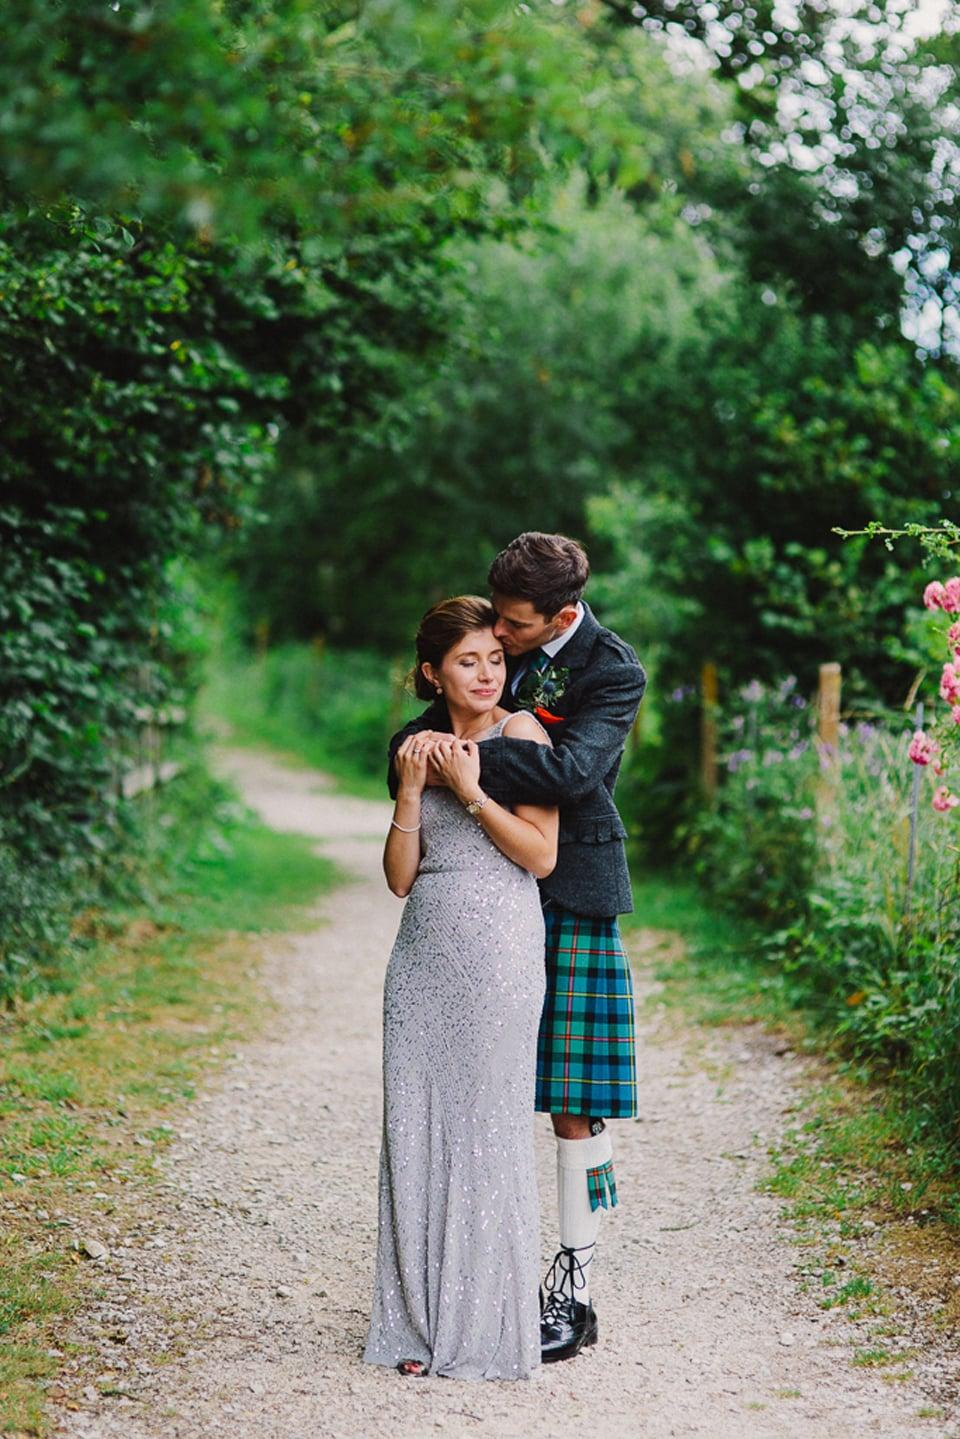 084-london-wedding-photographer.jpg